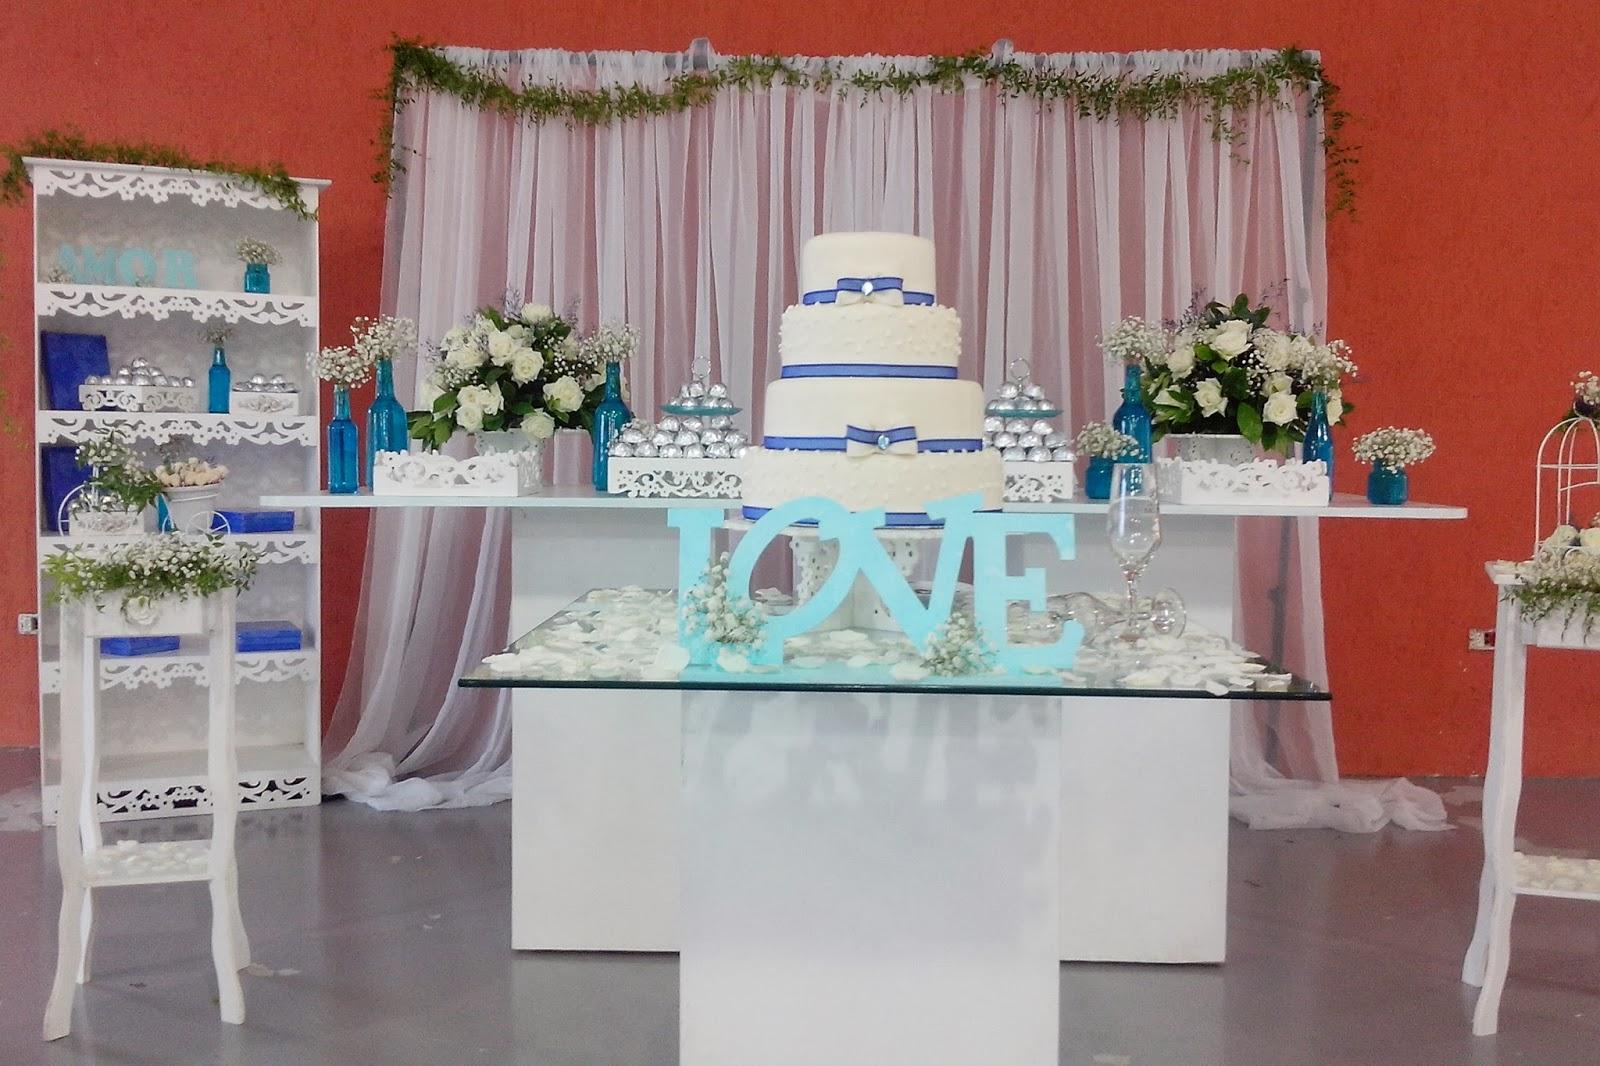 Casamento Feito em Casa DECORAÇÃO DE CASAMENTO AZUL E BRANCO COM